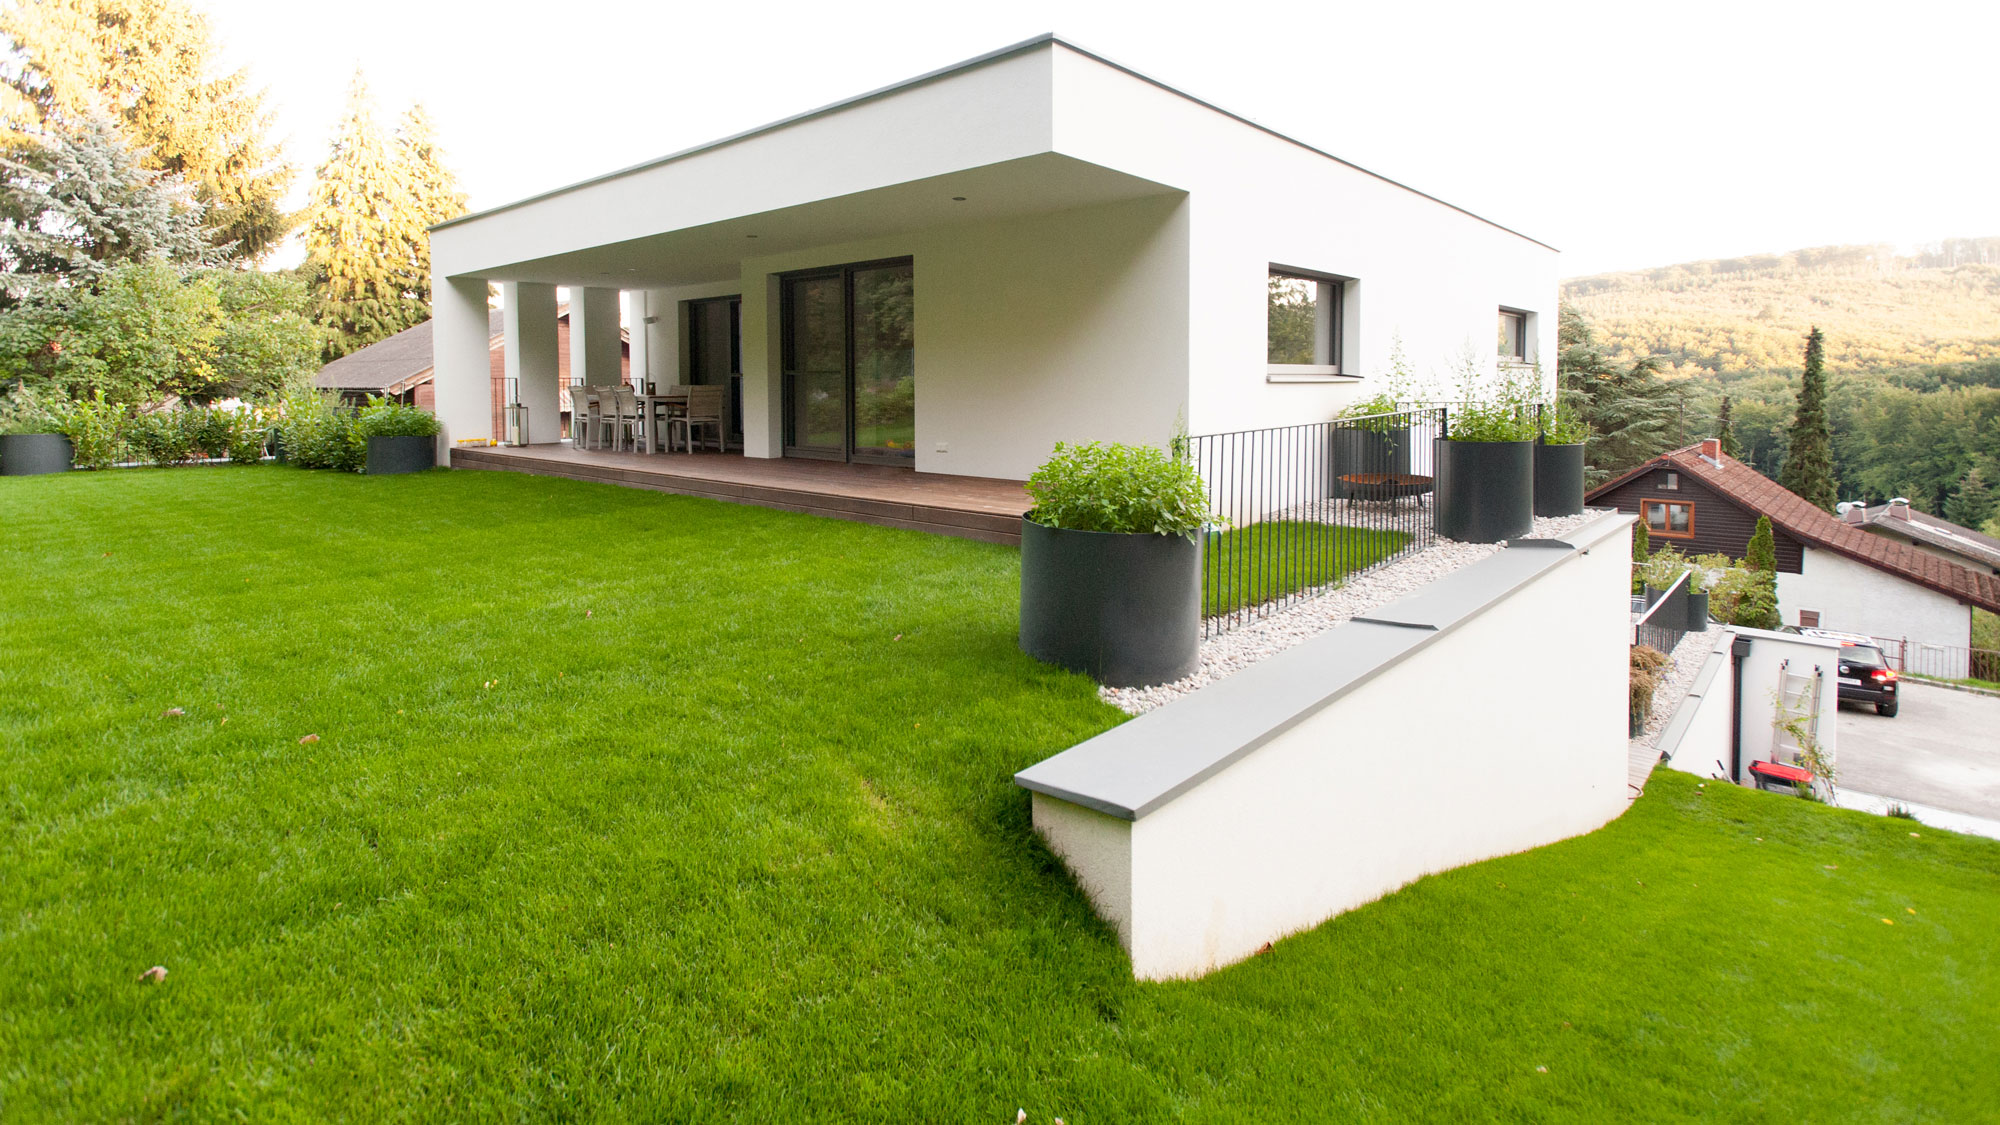 Haus am Hang – Simon + Stütz